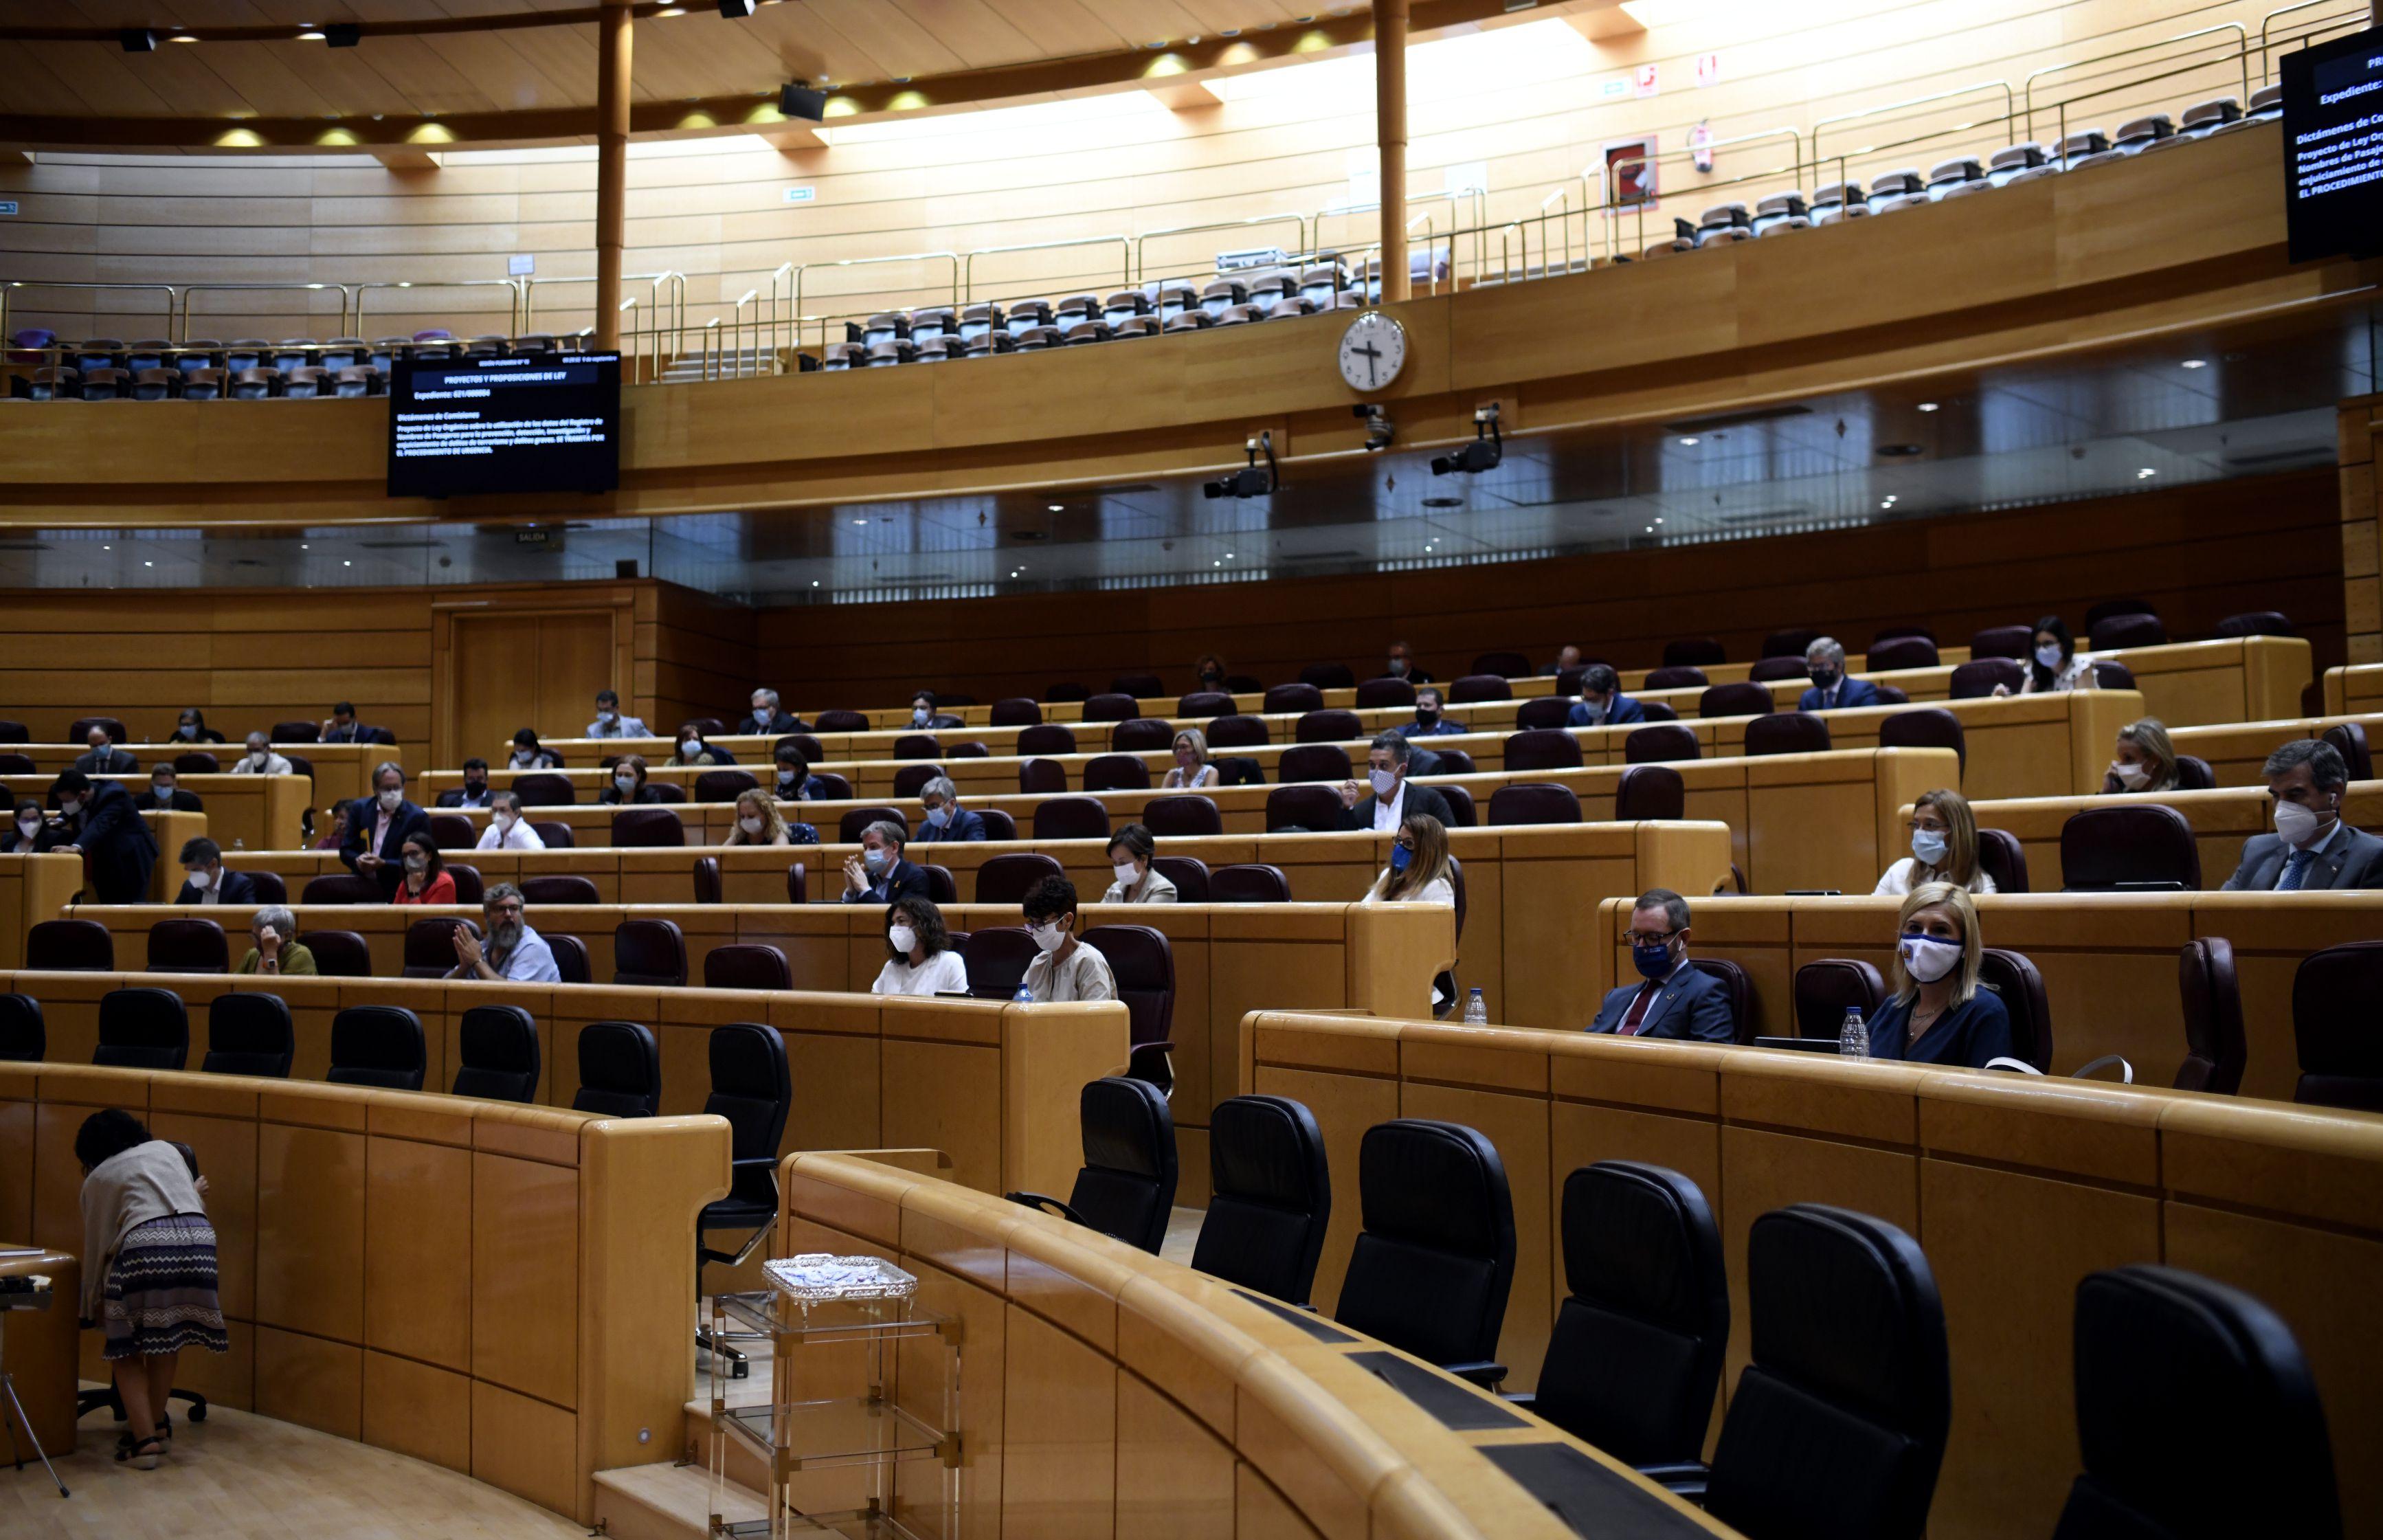 09/09/2020 Hemiciclo del Senado durante un pleno en Madrid (España), a 9 de septiembre. Esta sesión es la continuación de la del día anterior, en la que se produjo la comparecencia del presidente del Gobierno a petición propia para explicar las líneas generales de la actuación del Ejecutivo, sobre todo en la gestión de la pandemia del coronavirus y su apuesta por aprobar los presupuestos del año que viene. POLITICA  Óscar Cañas - Europa Press